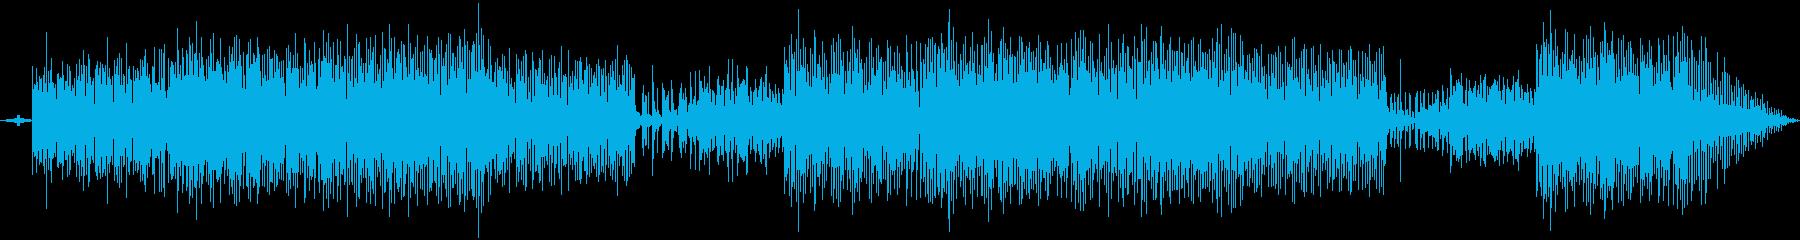 ほのぼのしたシンセ音楽の再生済みの波形